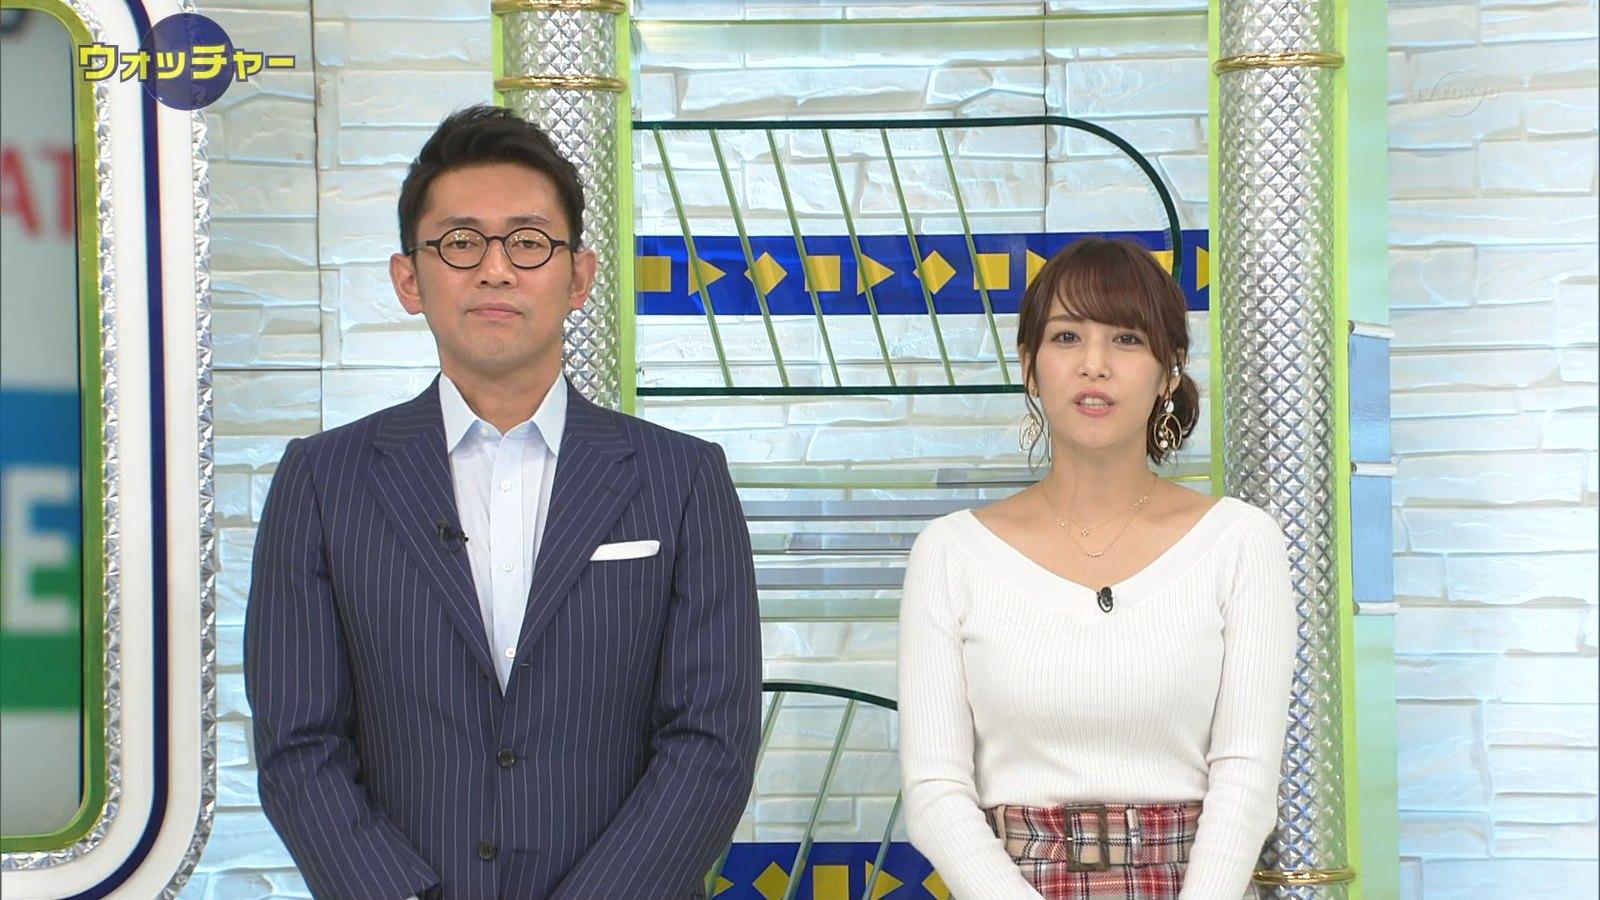 鷲見玲奈_女子アナ_ニットおっぱい_テレビキャプ画像_09